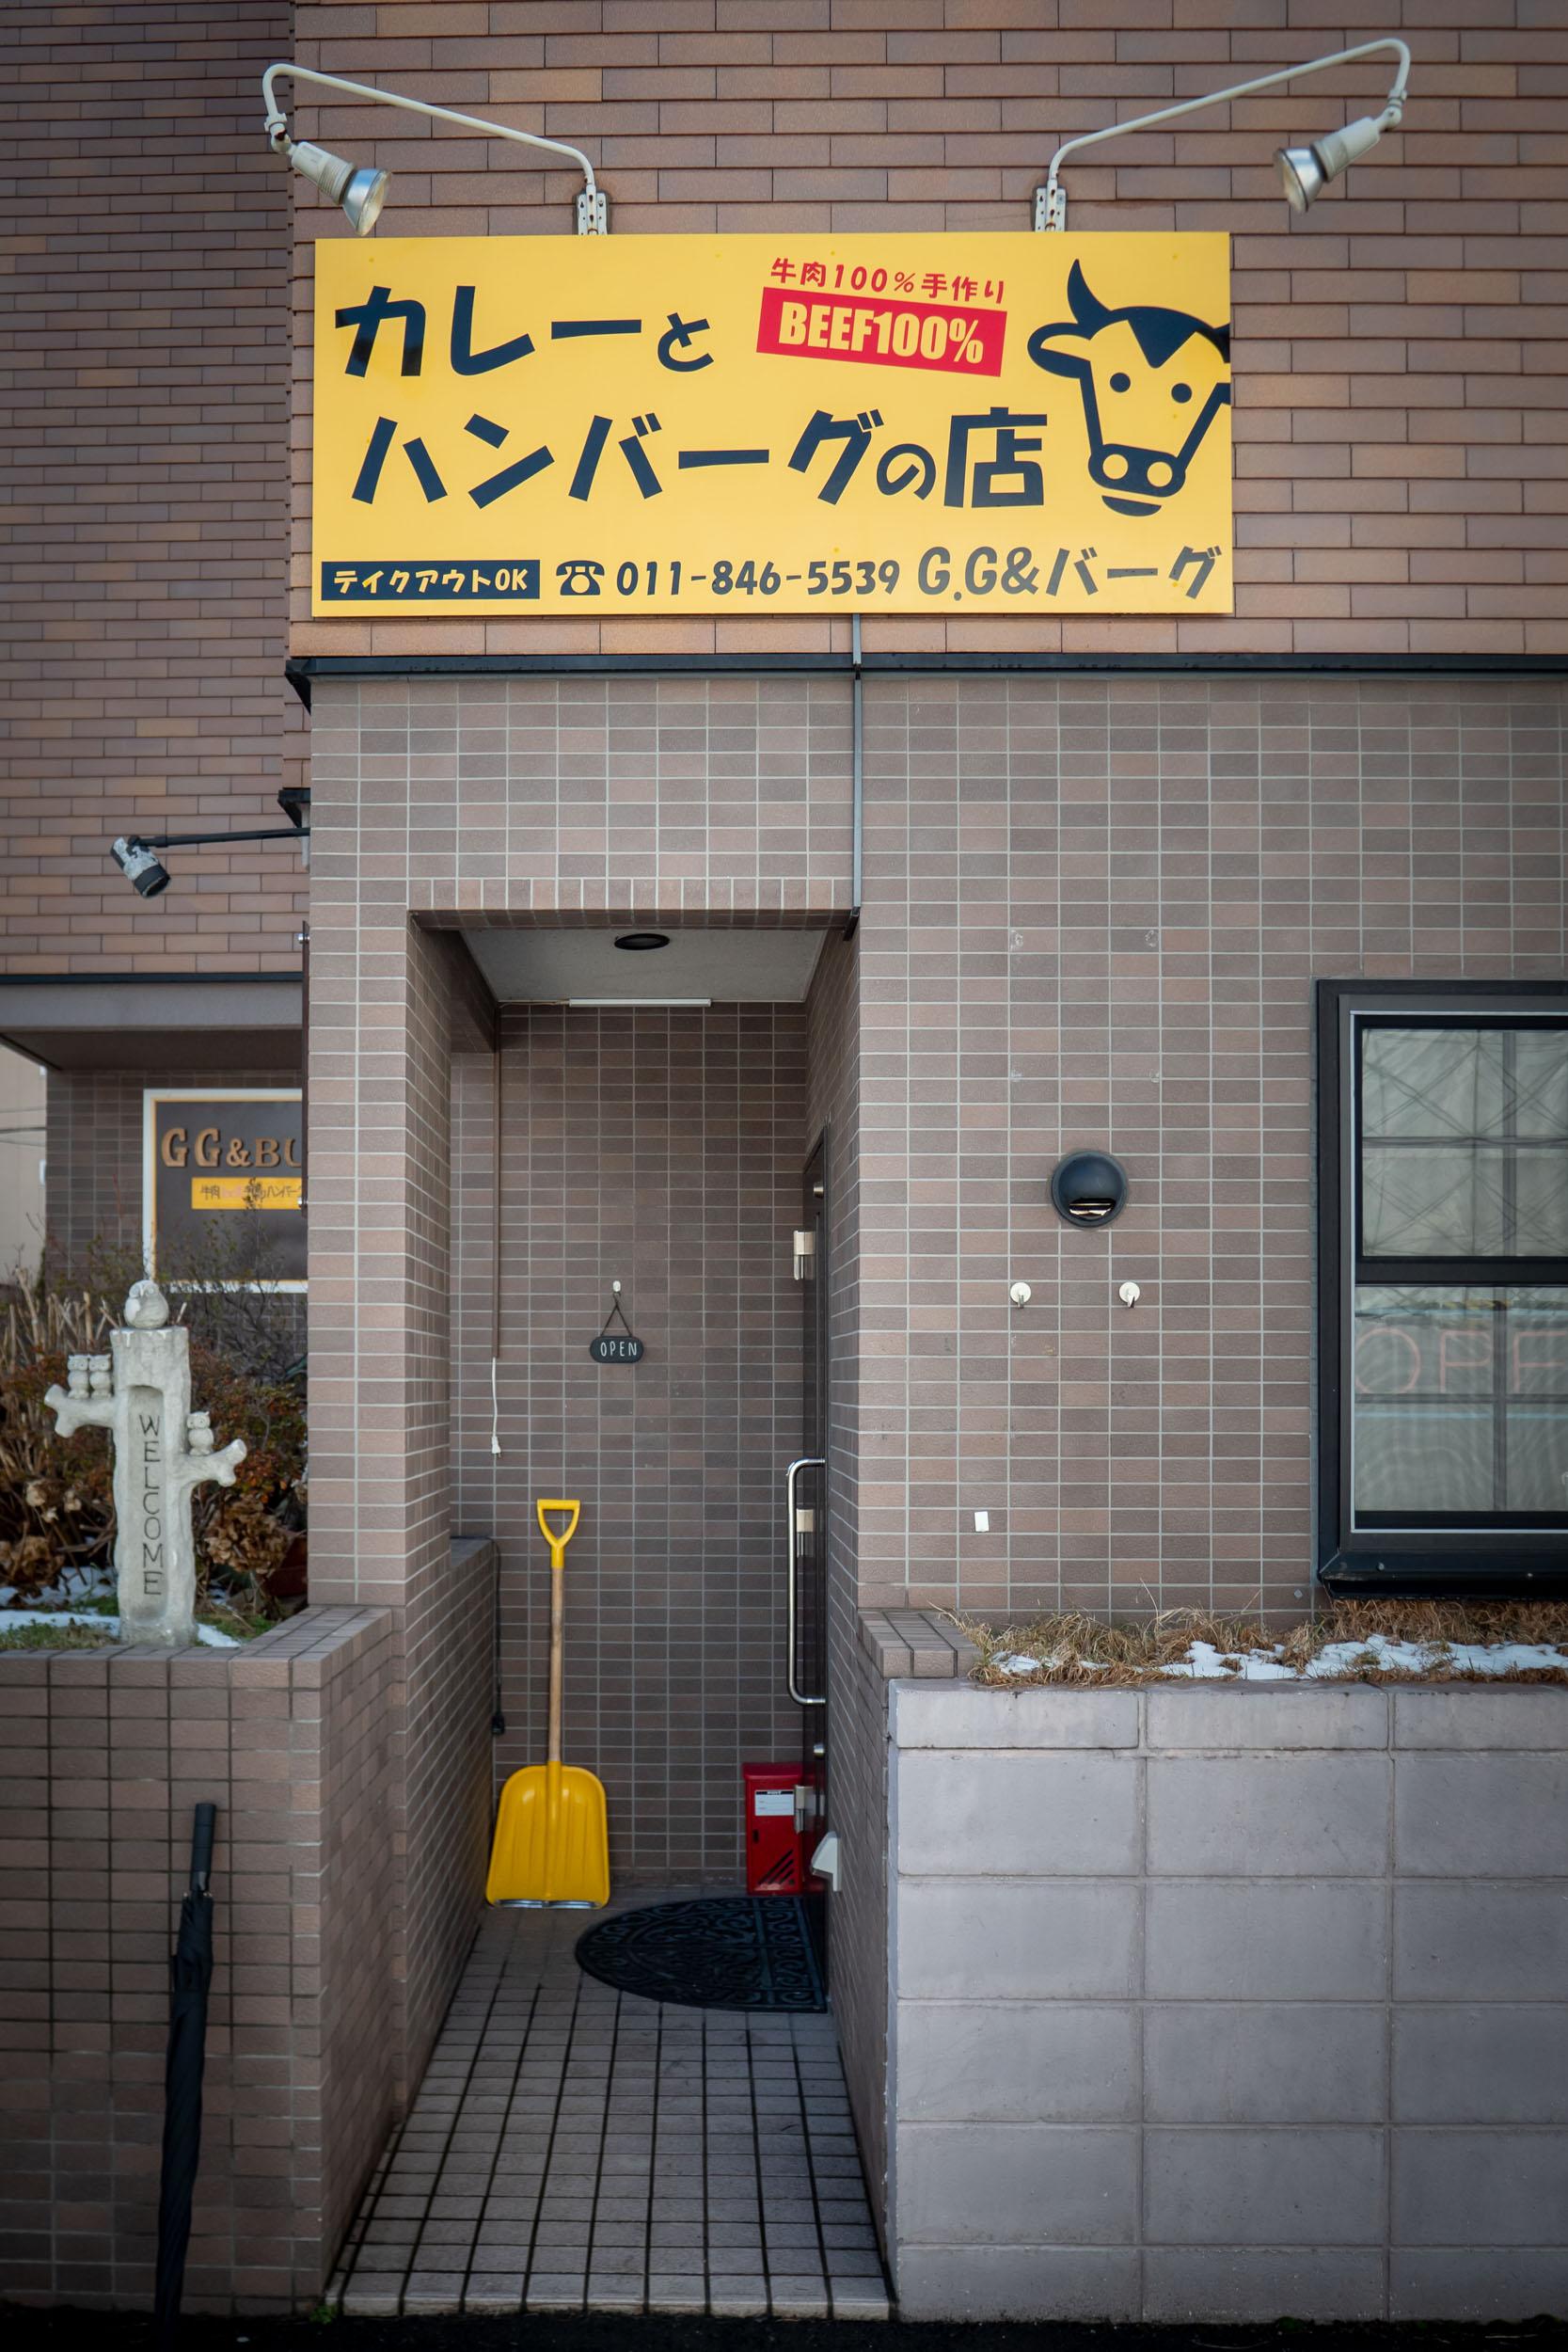 札幌市白石区本郷通の洋食店GG&バーグエントランス<br> DMC-GX8 + LEICA DG 12-60mm